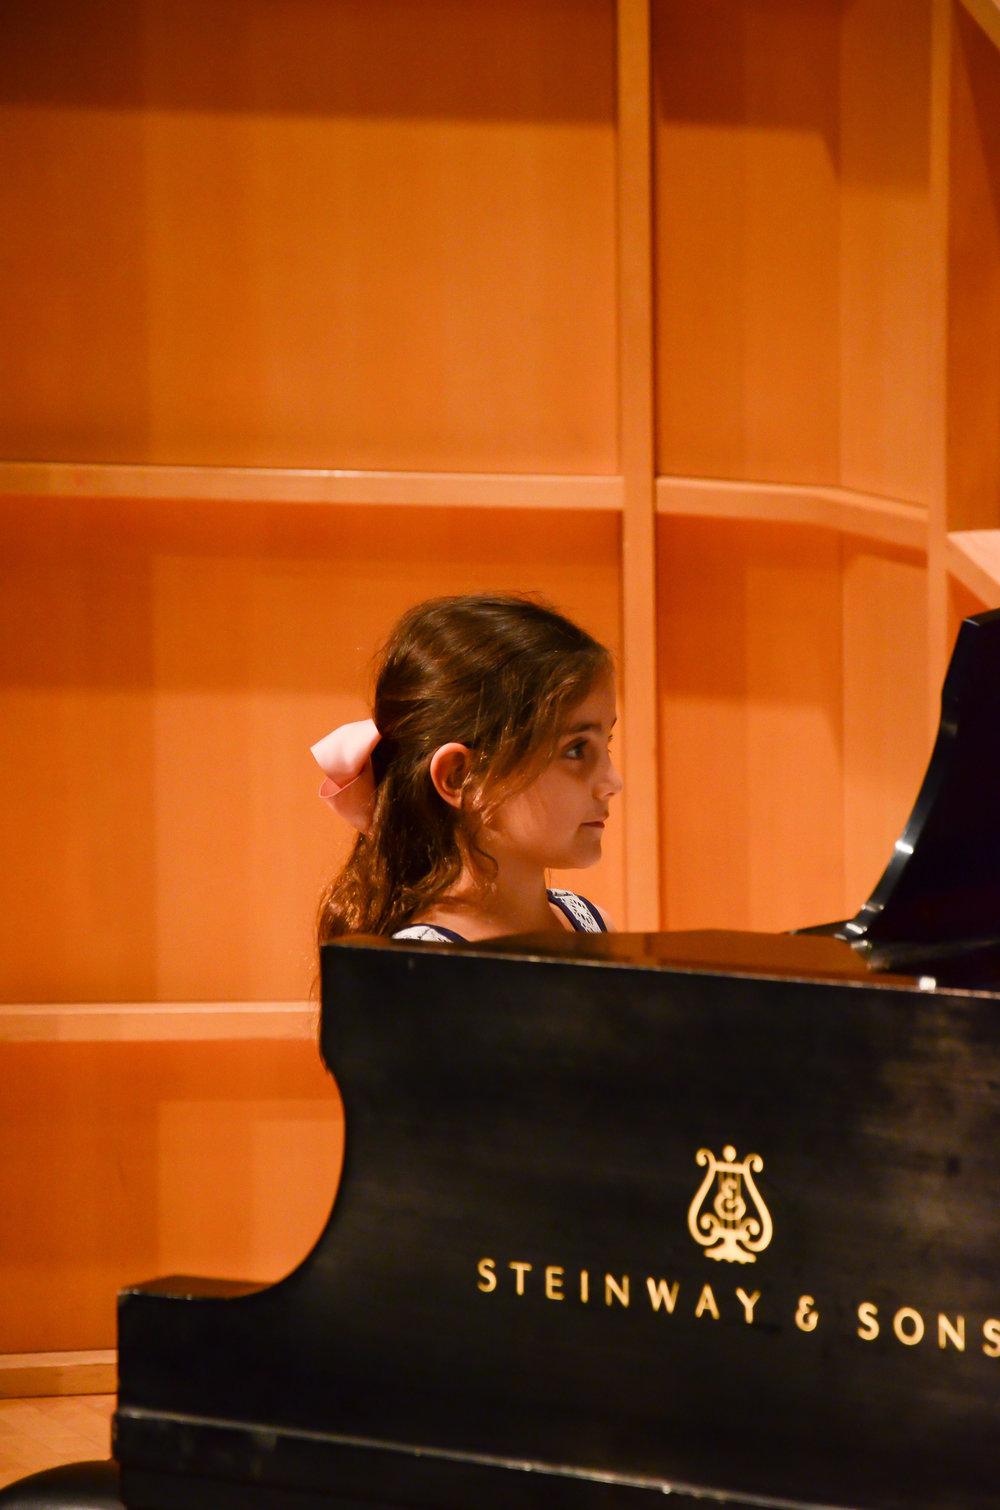 piano-23.jpg